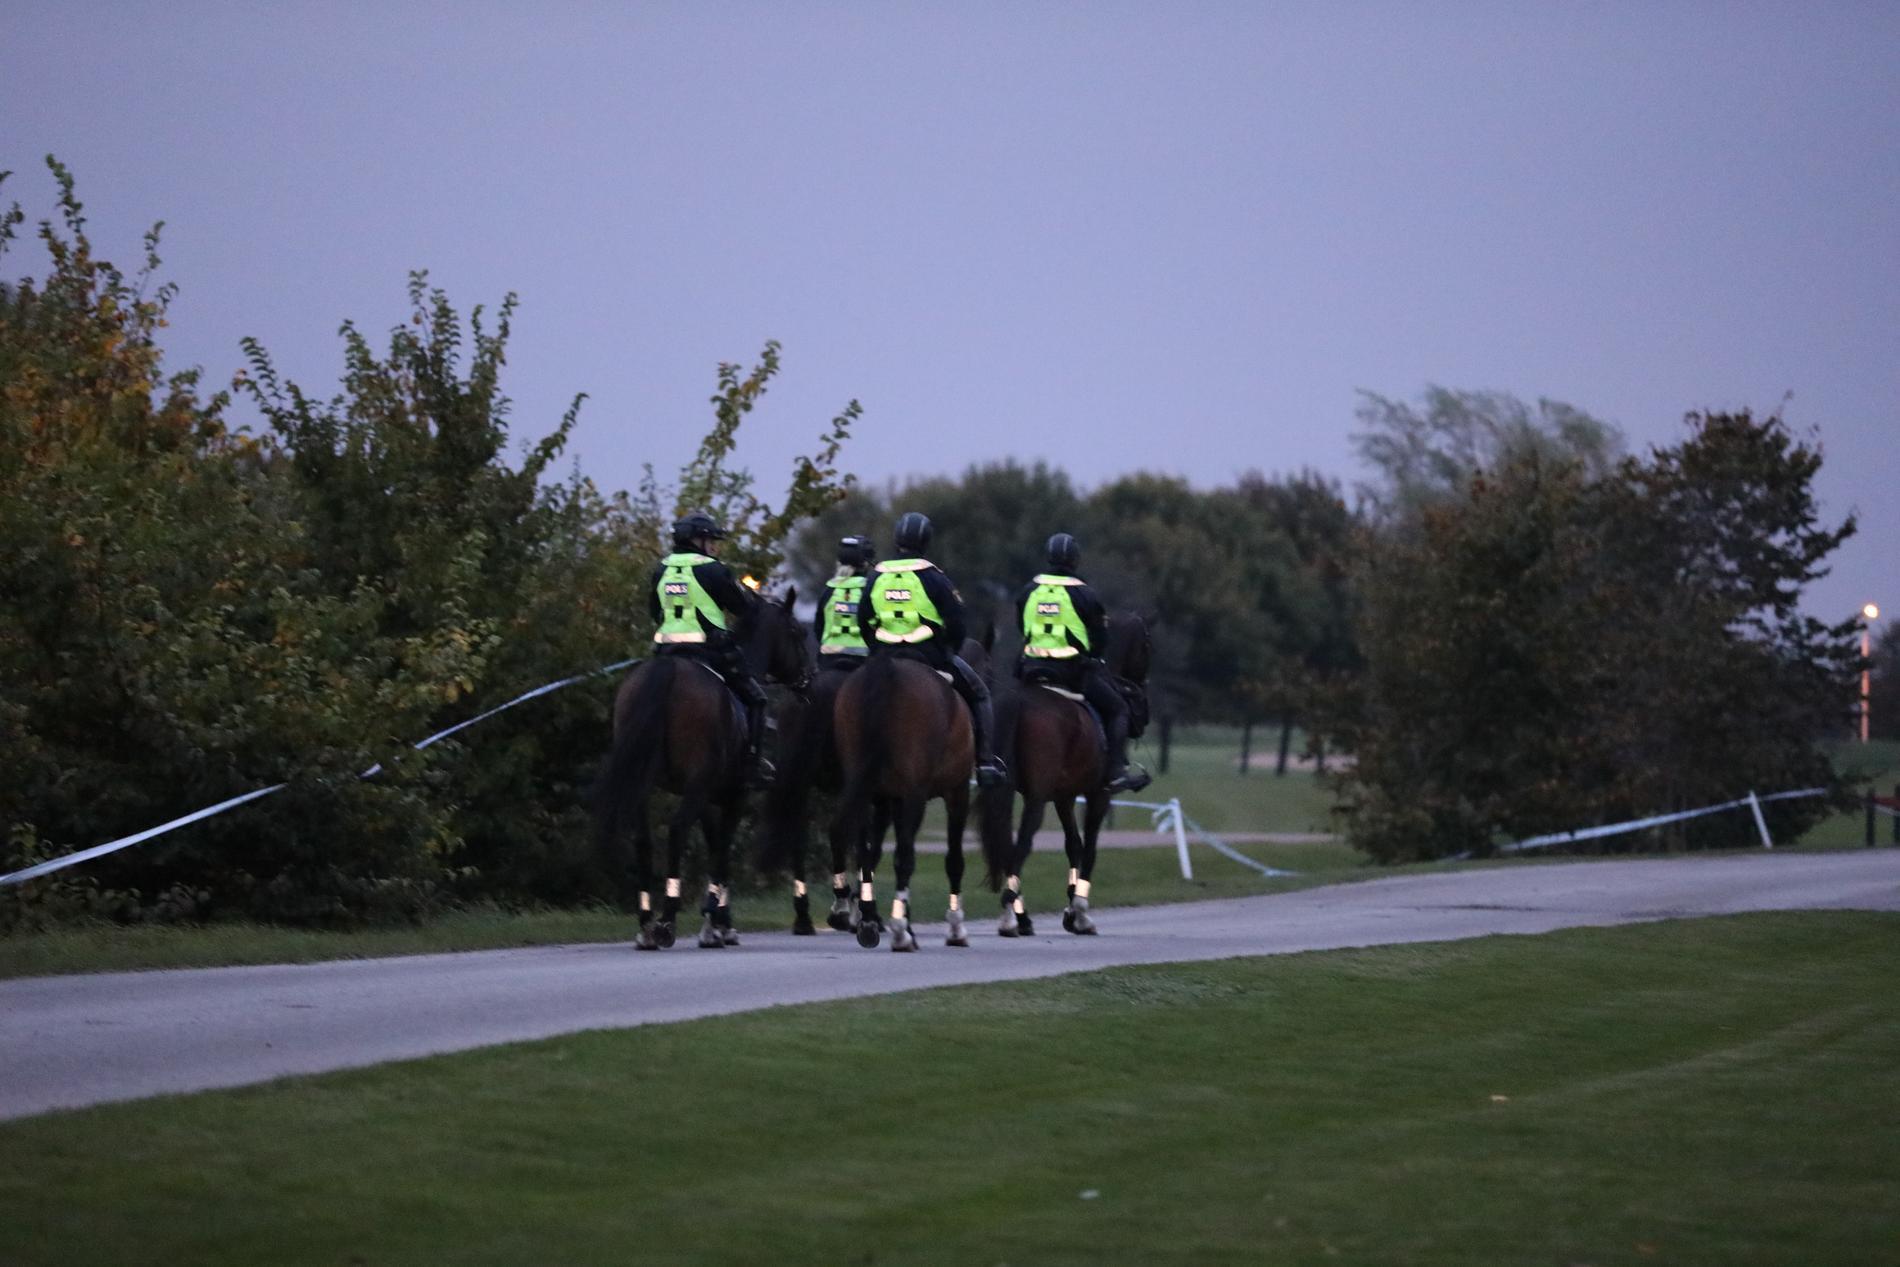 Polisinsats med ryttare.